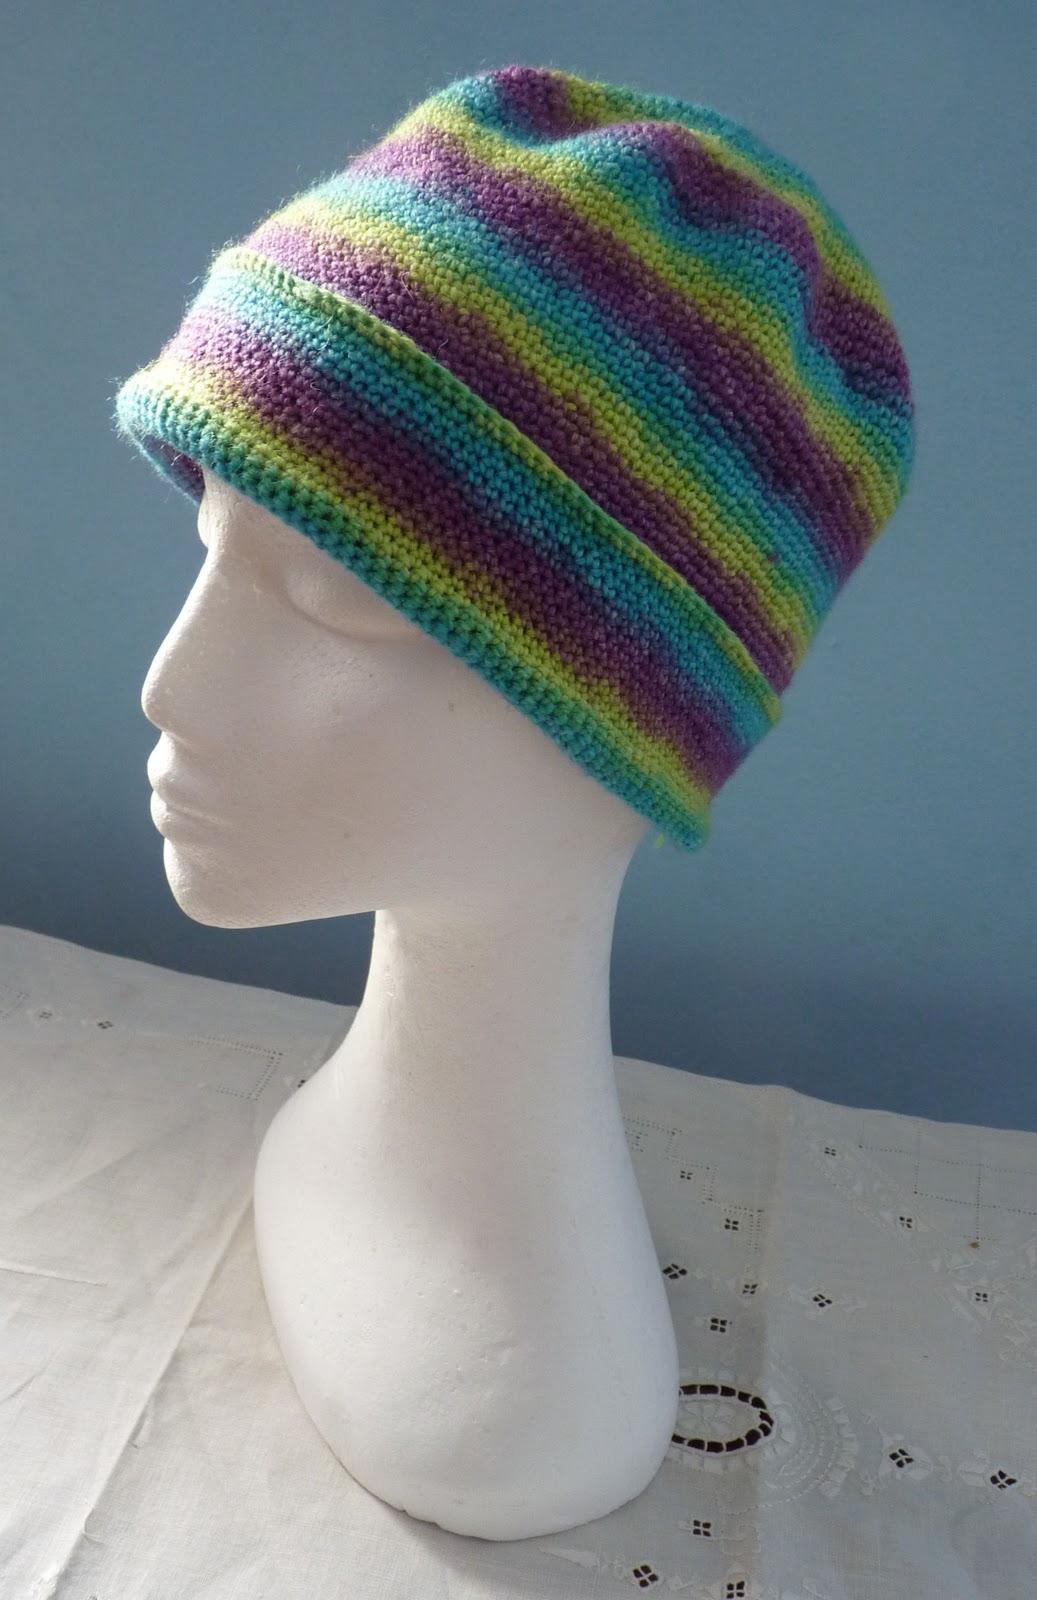 Crochet Patterns Using Sock Yarn : ... of the Gingerbread Lady: PATTERN: SiSoYa Hat - Simple Sock Yarn Hat